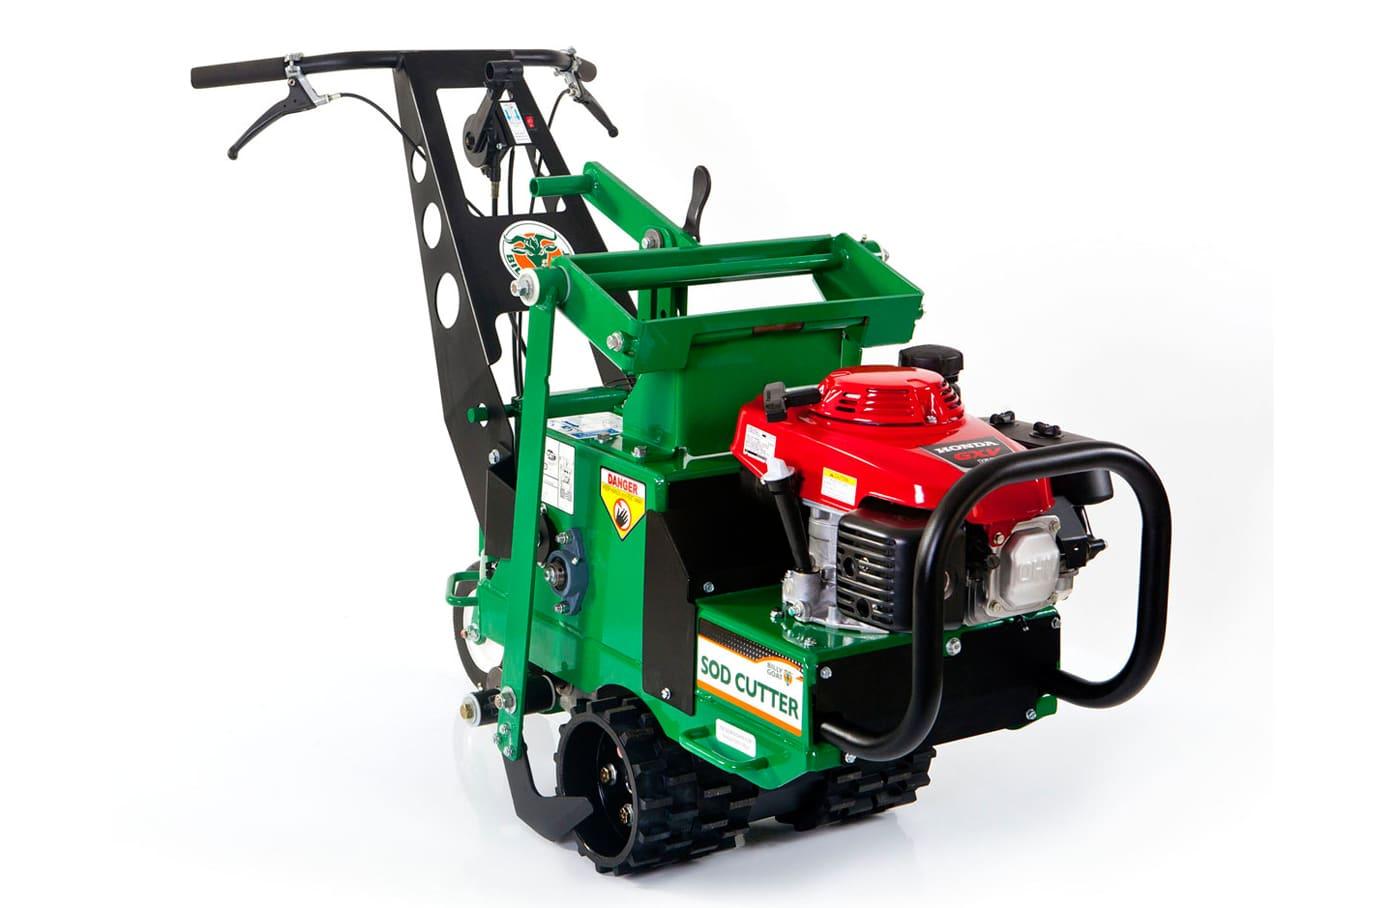 Billy goat sc180h 18 sod cutter discount tool - Golf cart rentals garden city sc ...